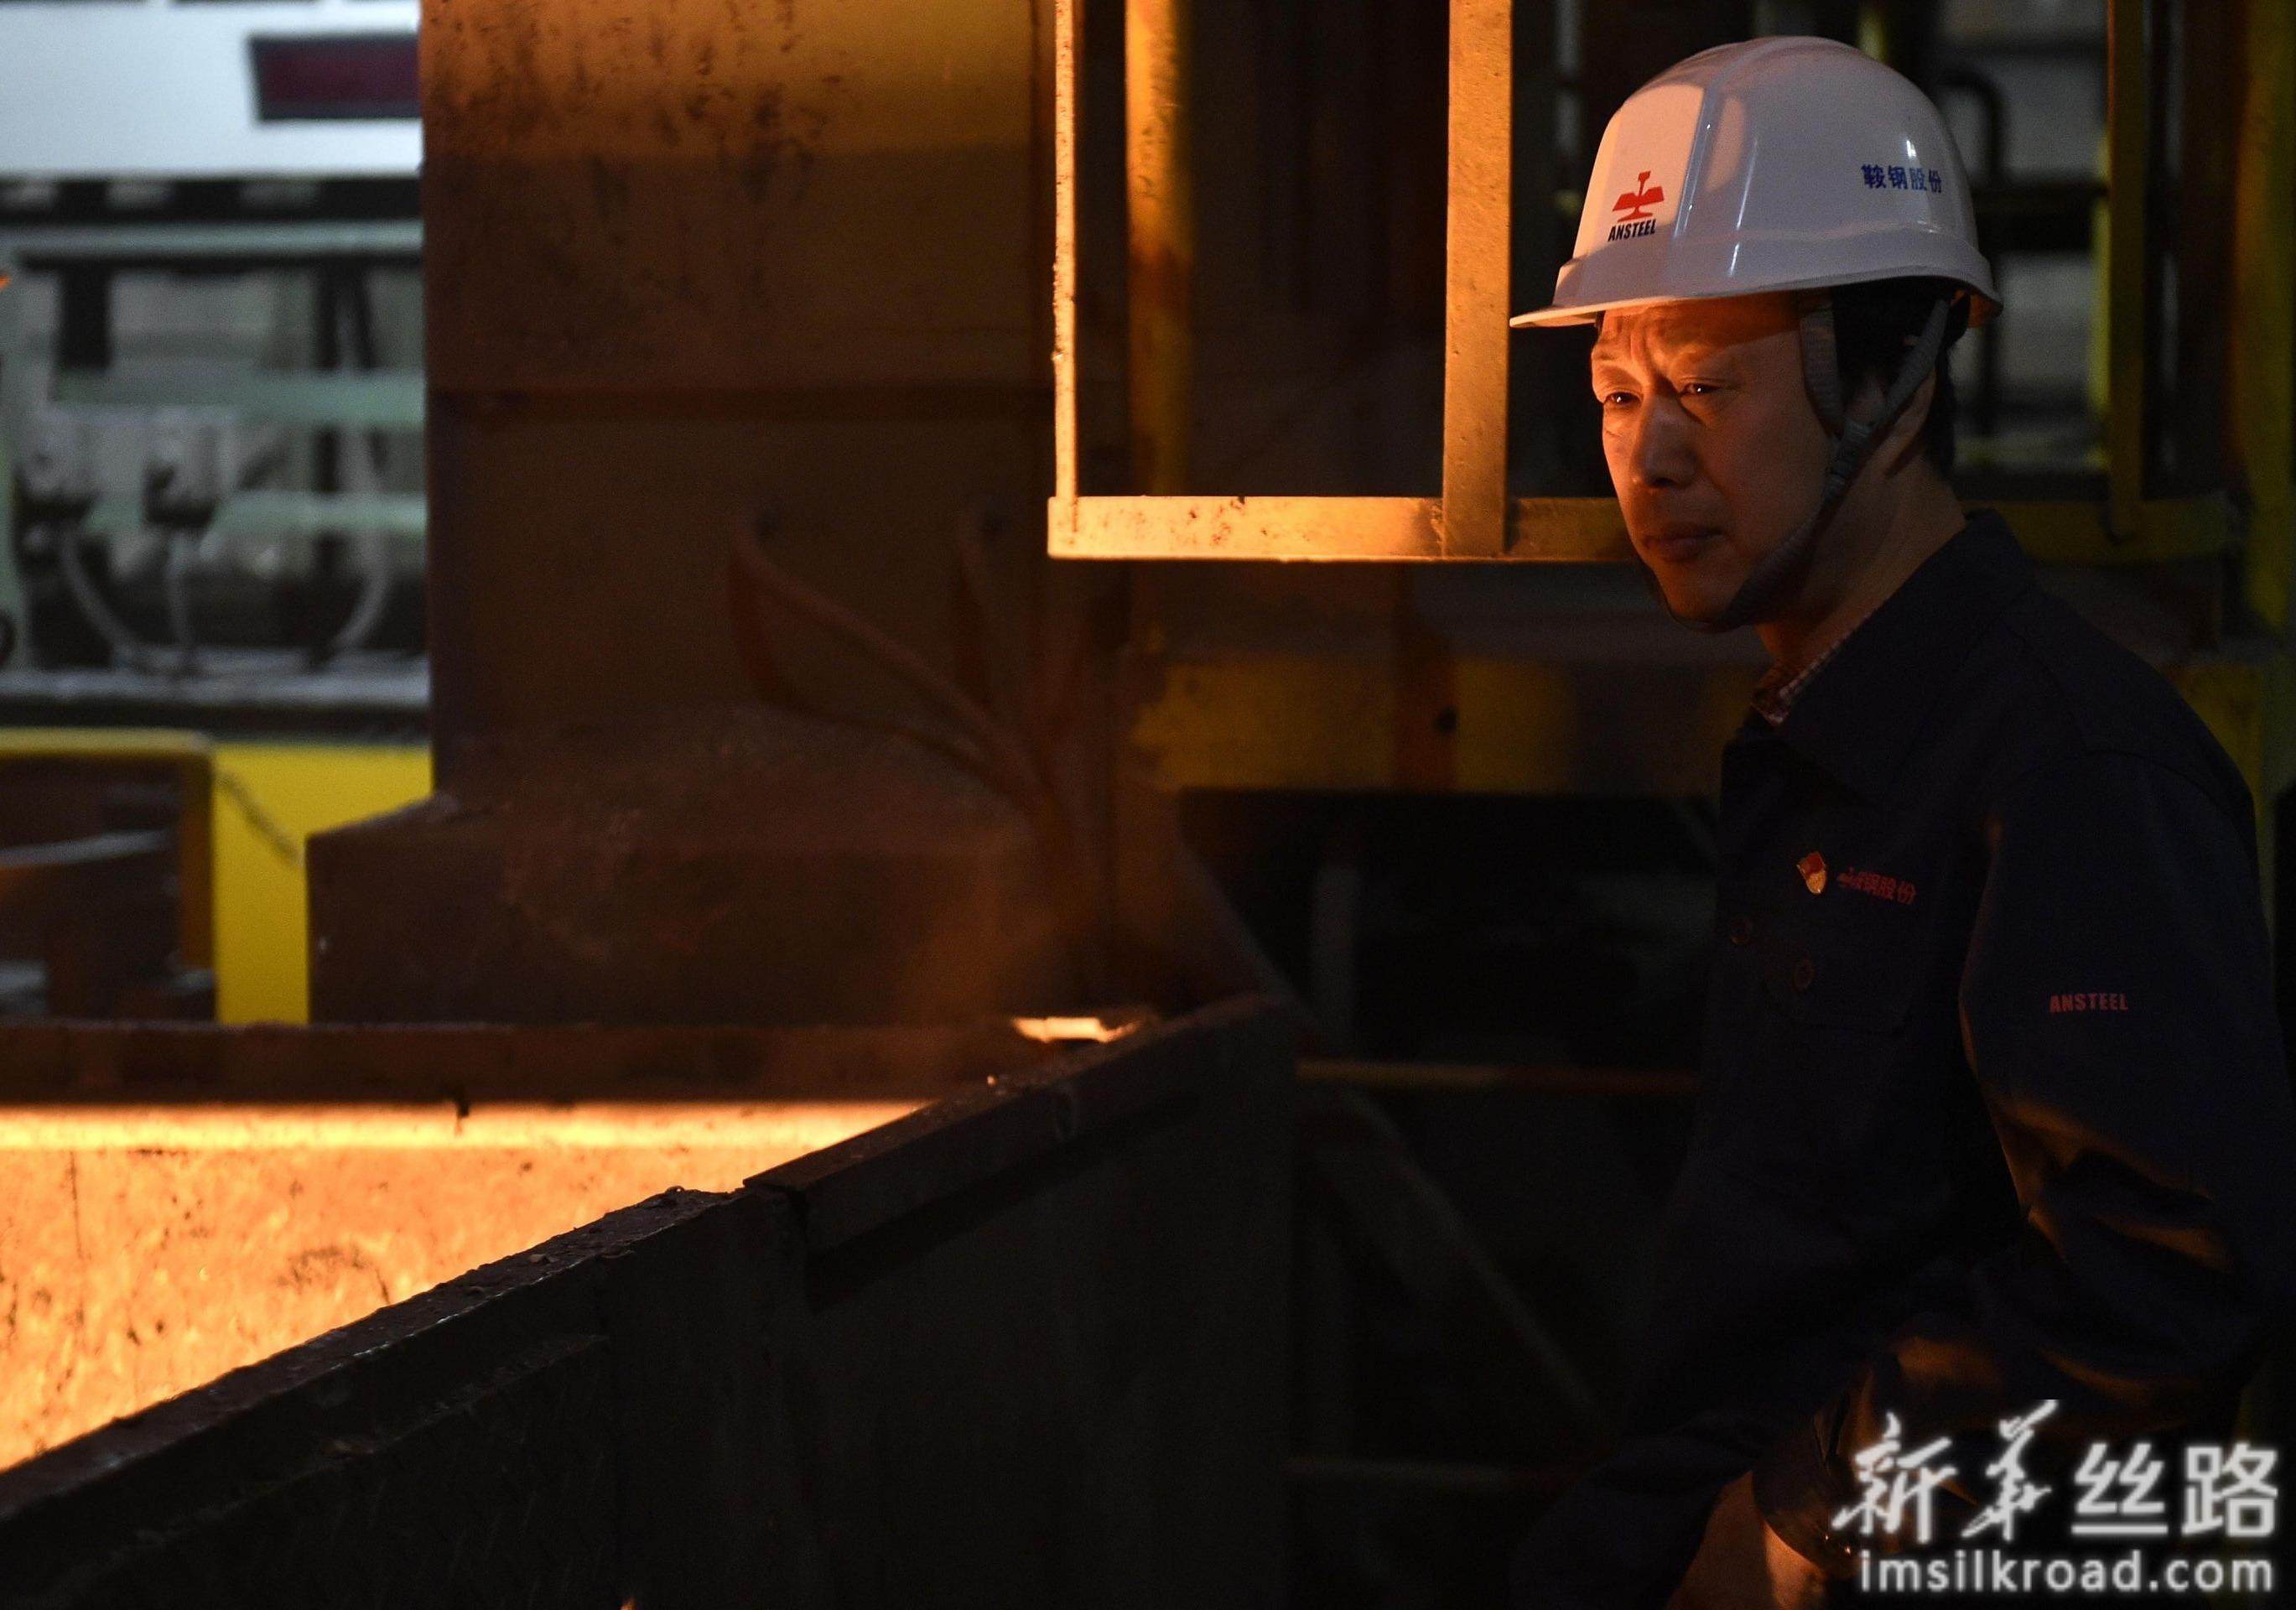 鞍钢炼钢总厂三分厂电气点检组长林学斌在生产现场(4月29日摄)。新华社记者 姚剑锋 摄